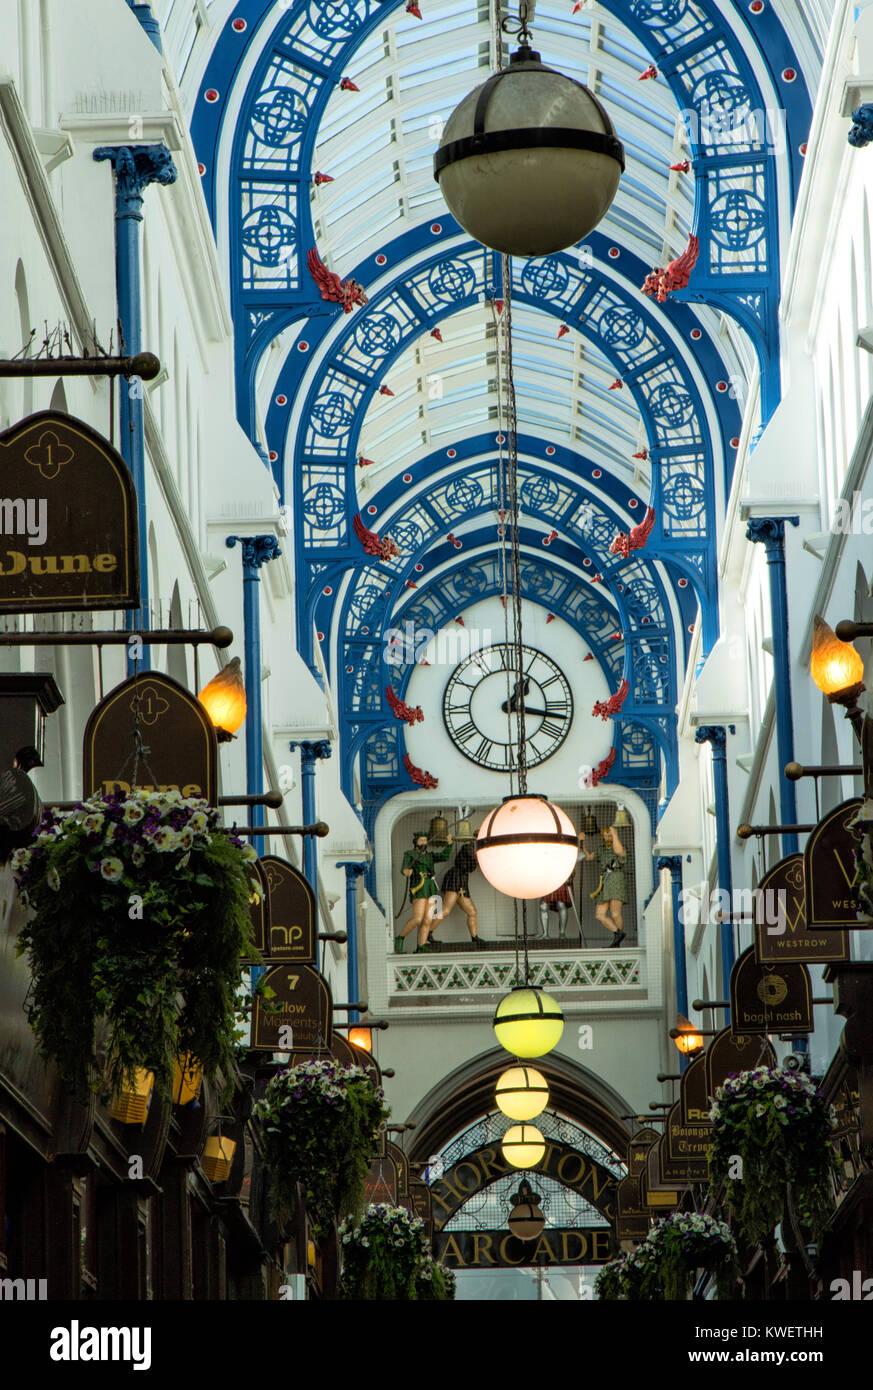 Thornton's Arcade,Briggate,Leeds,West Yorkshire,England,UK. - Stock Image